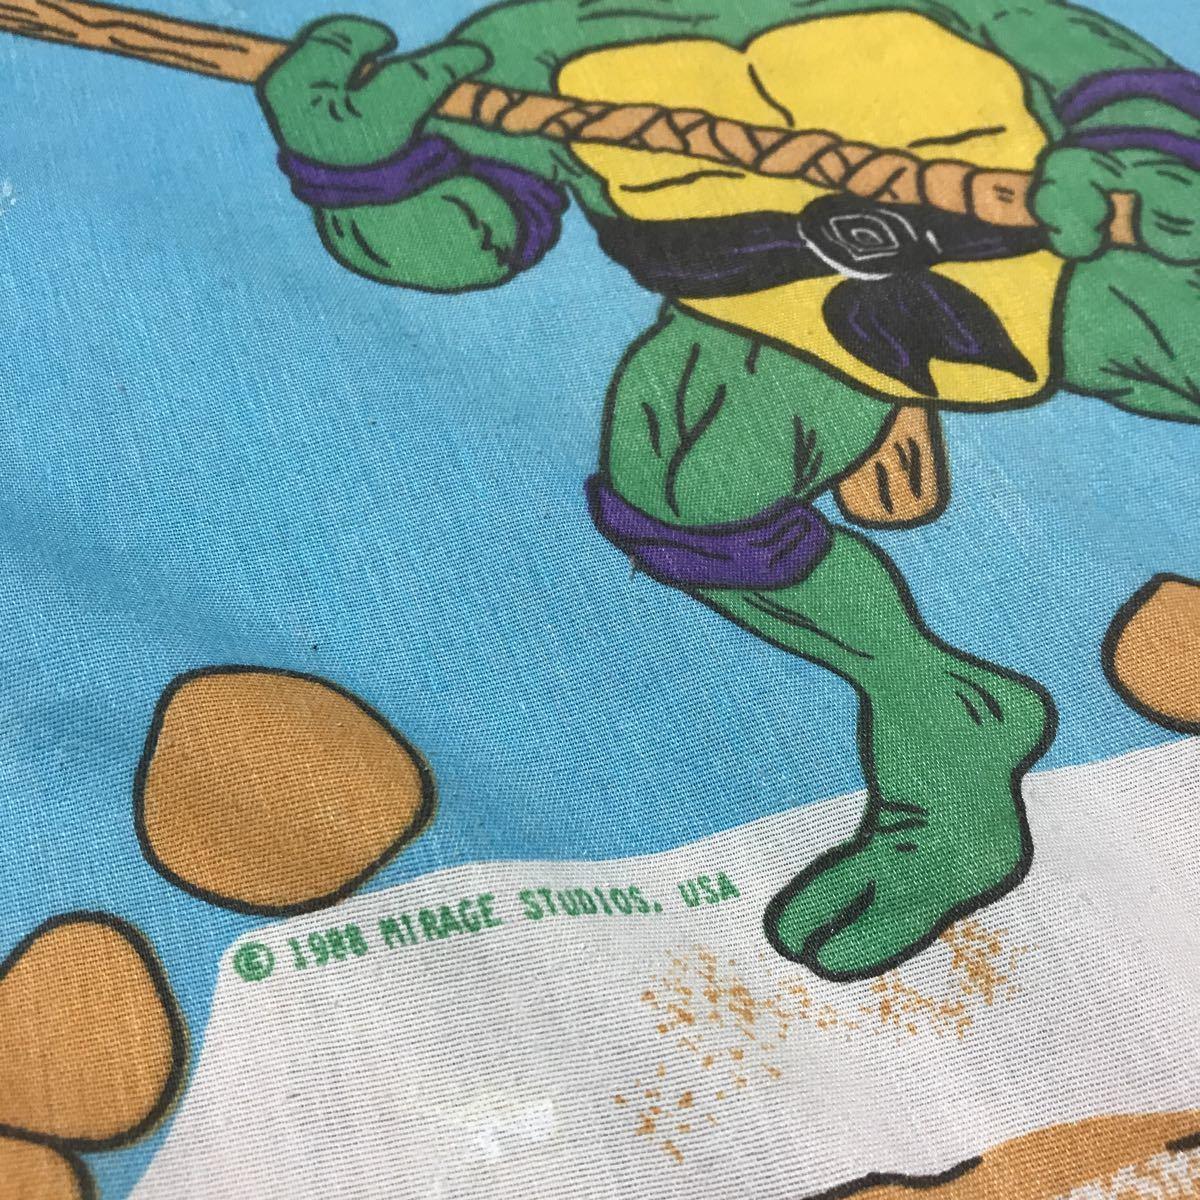 USA製!巨大!ビンテージ 80年代 ミュータント タートルズ TURTLES シーツ 生地 素材 リメイク生地 布 家具 インテリア コピーライトあり_画像5